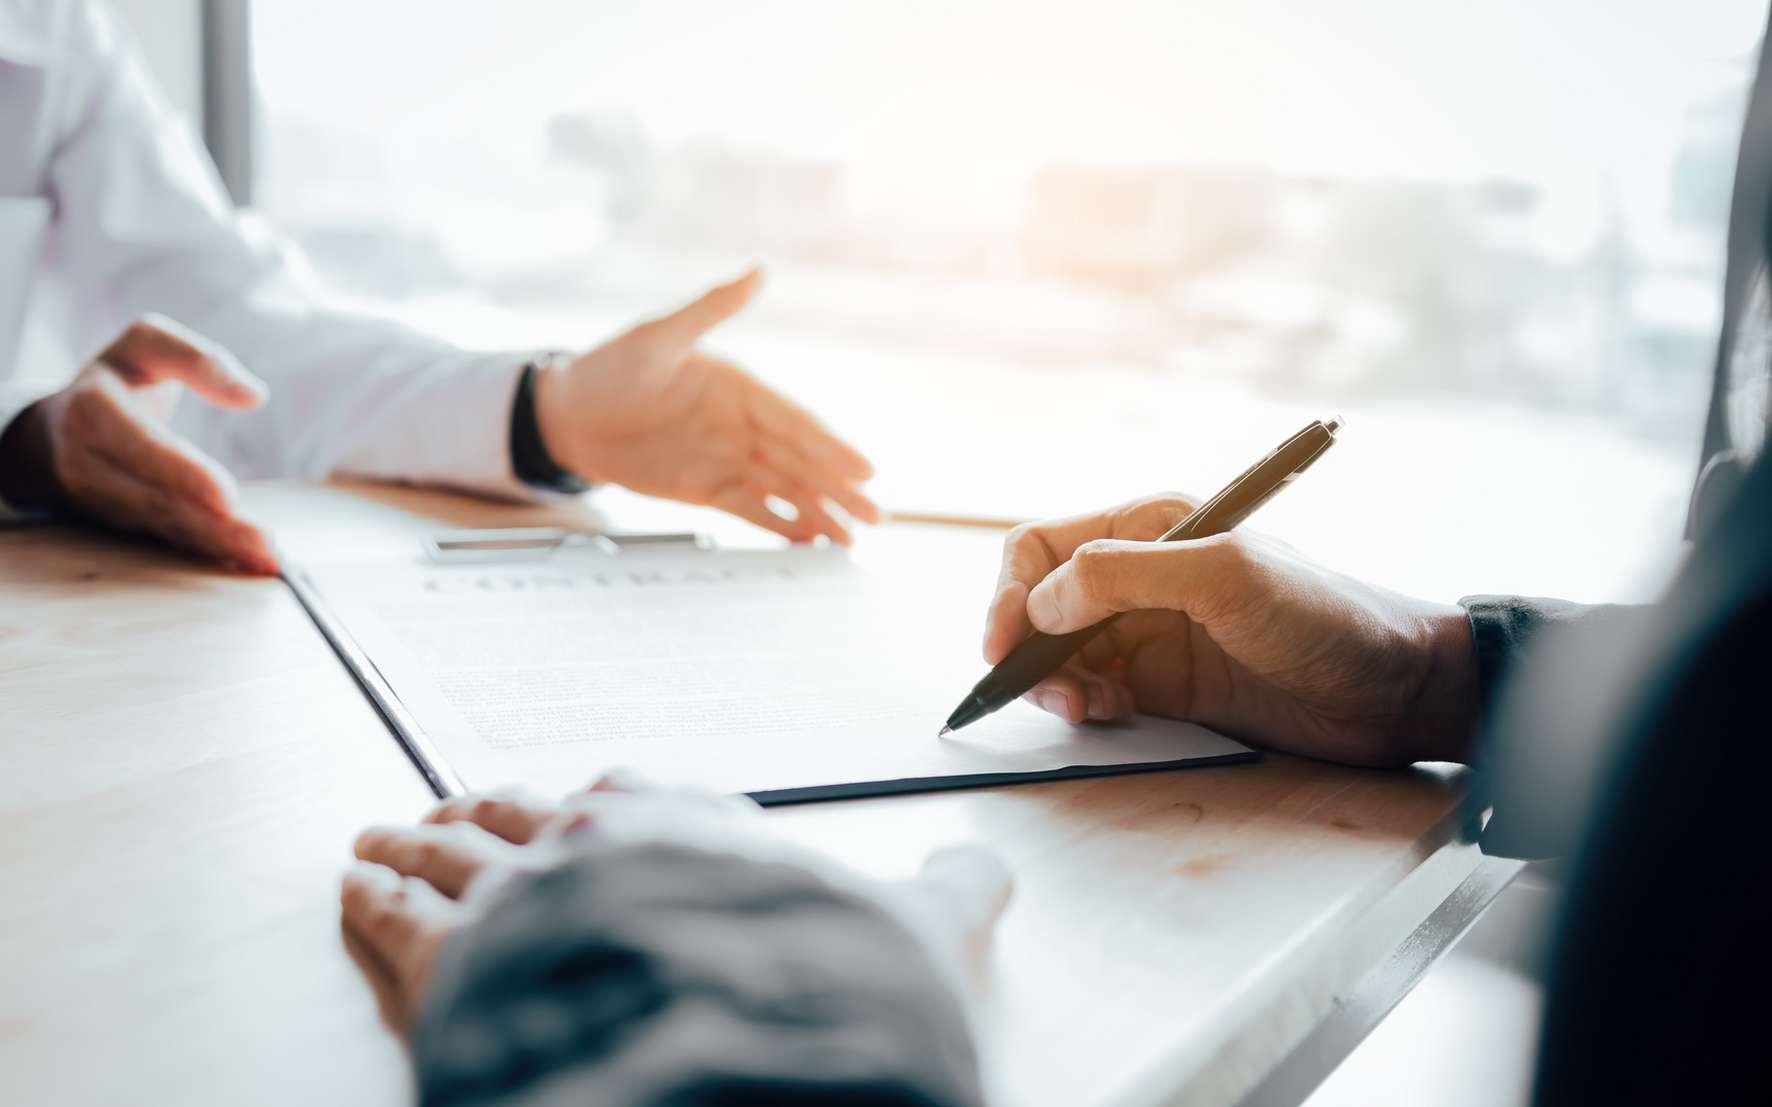 L'assurance de prêt est un sujet qui demande une attention particulière dans la bonne exécution du contrat. @ Wutzkoh